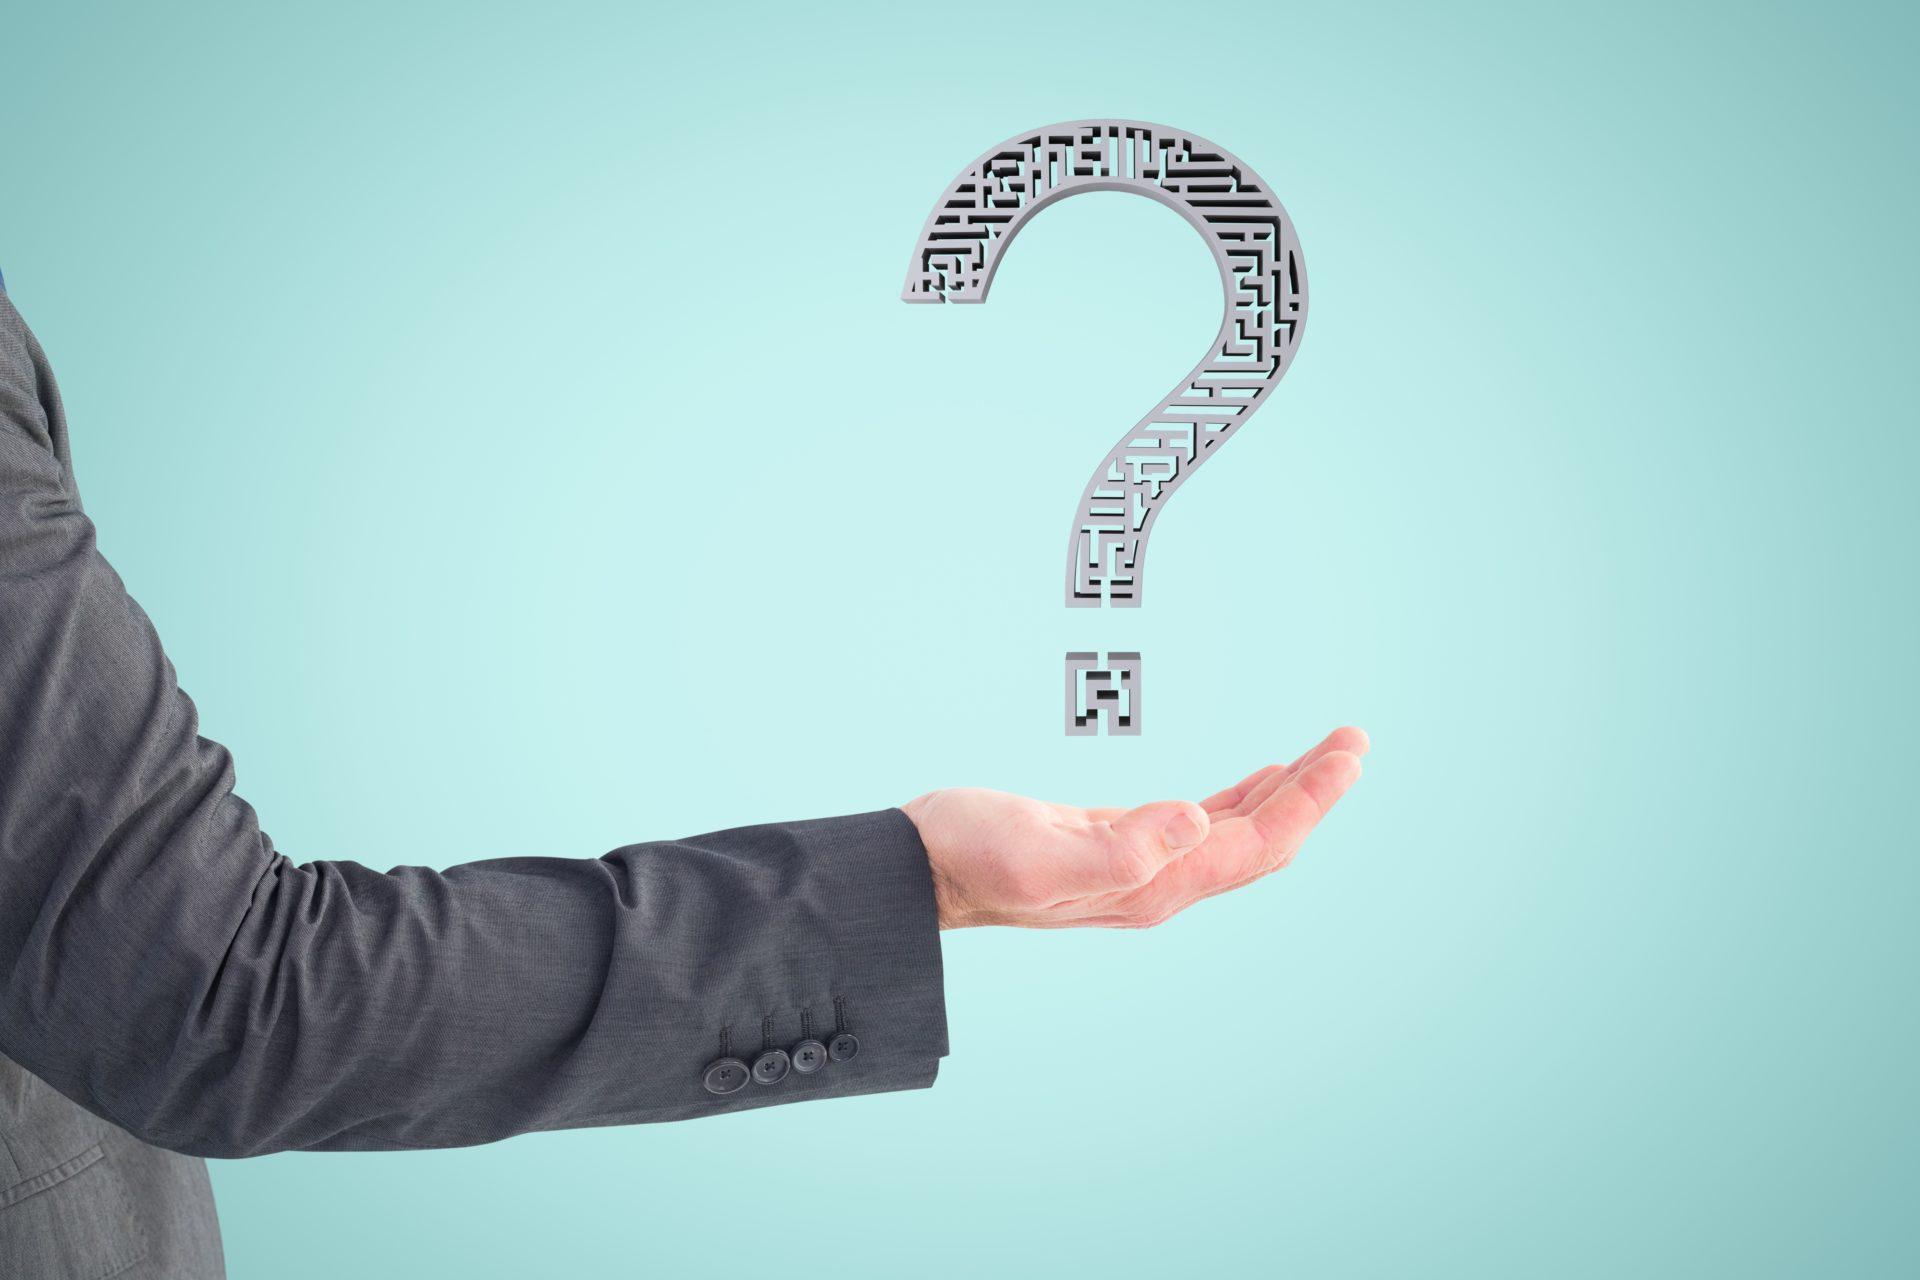 entreprises en difficulté, procédures collectives à connaitre en amont du redressement ou liquidation